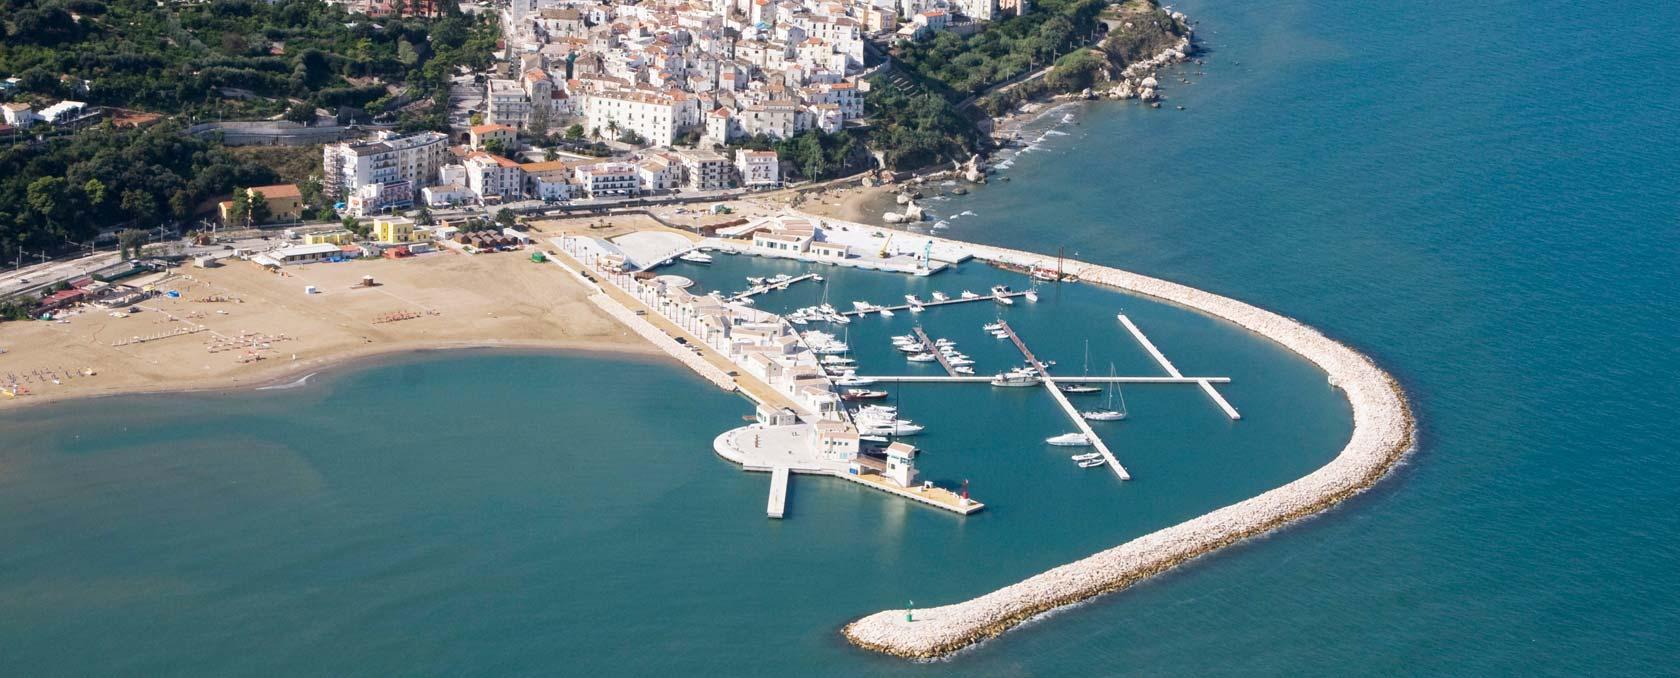 Week End Benessere FESTA DELLA DONNA, 9 – 10 marzo 2019, in Puglia nel Gargano, a Rodi Garganico